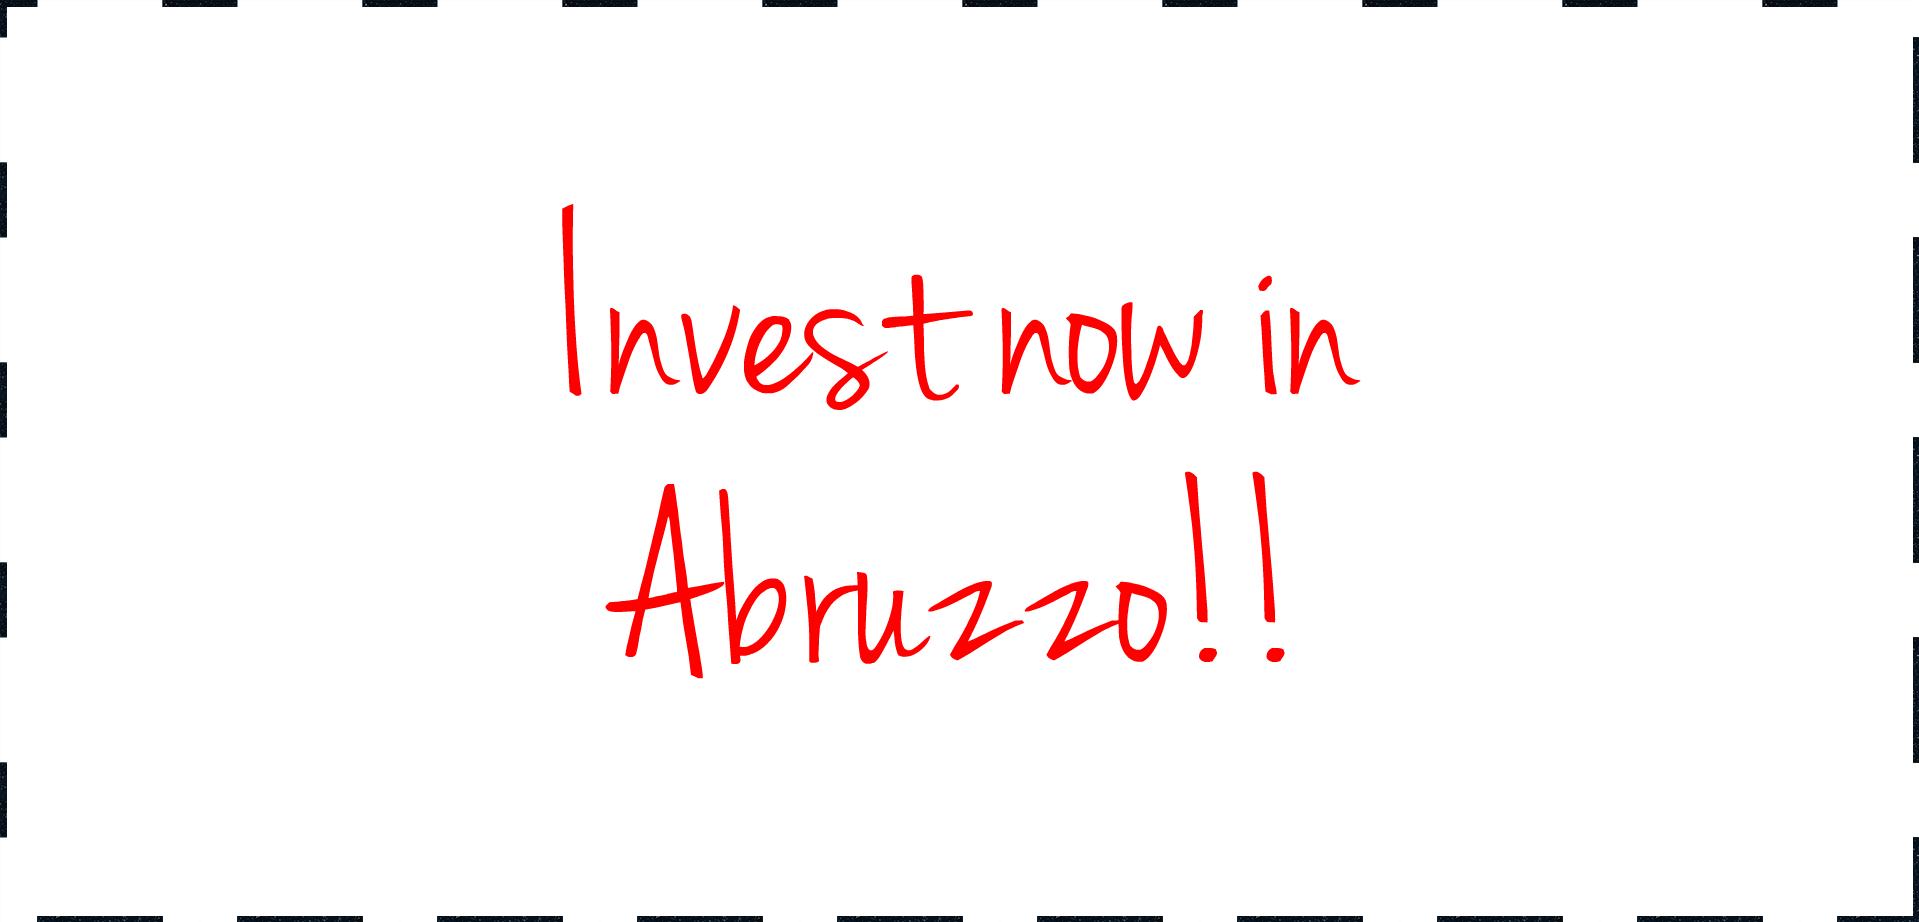 Invest now in Abruzzo.